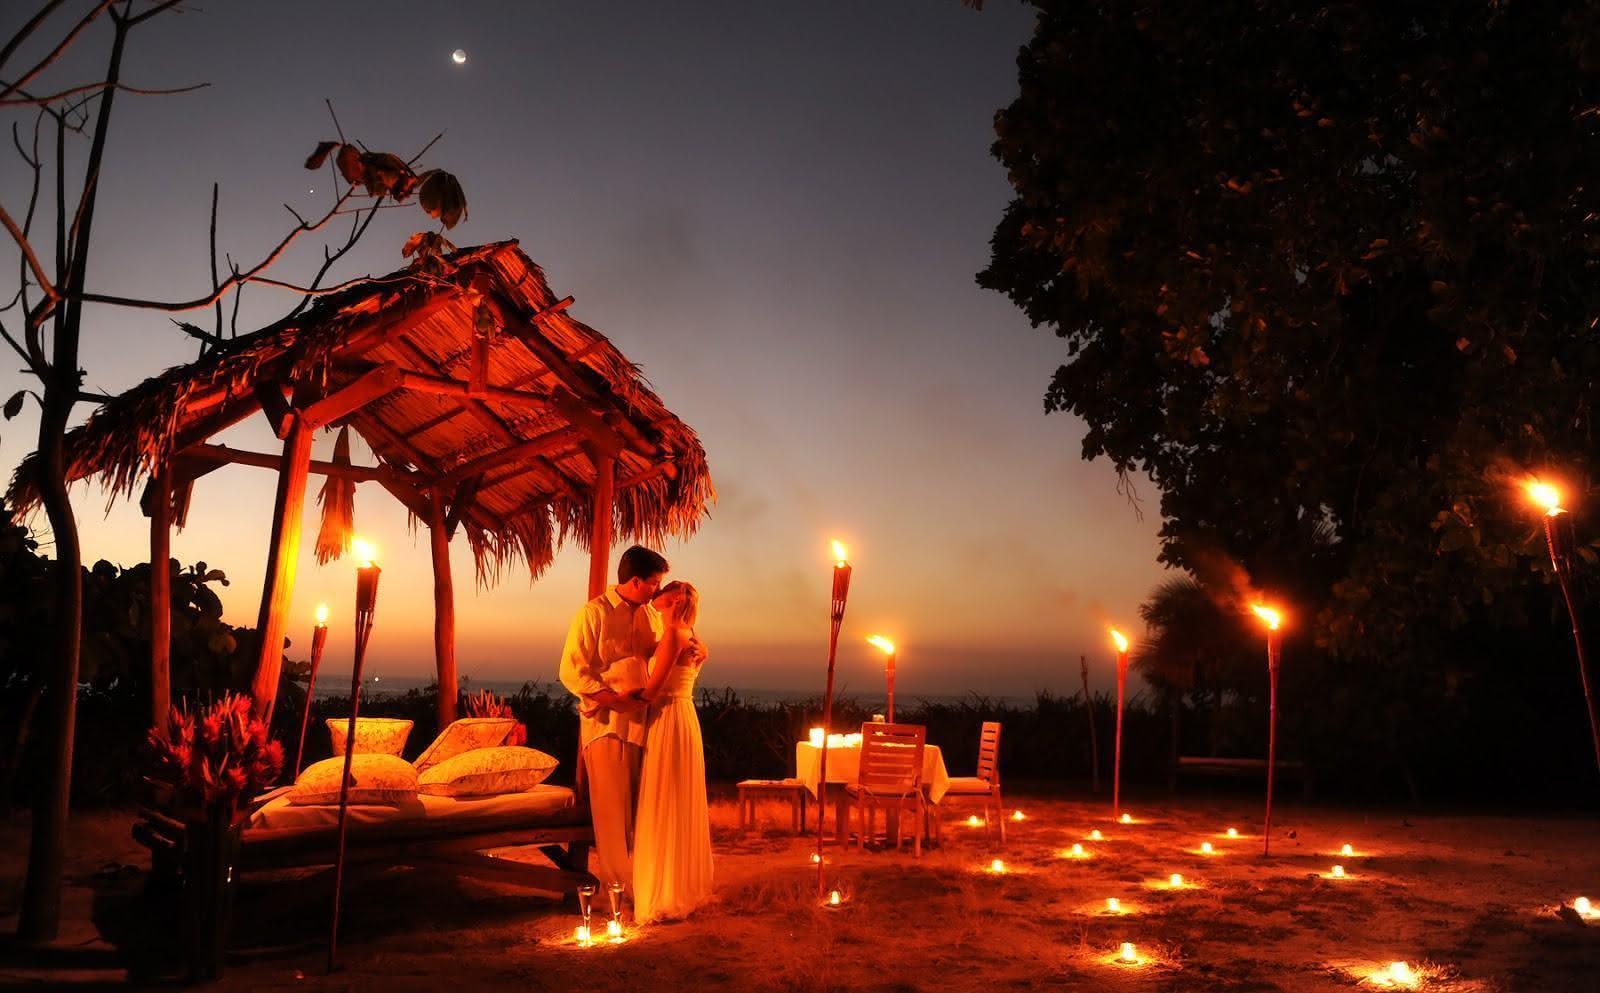 Cute Couples With Quotes Wallpaper 6 Dicas De Ilumina 231 227 O Para Casamento